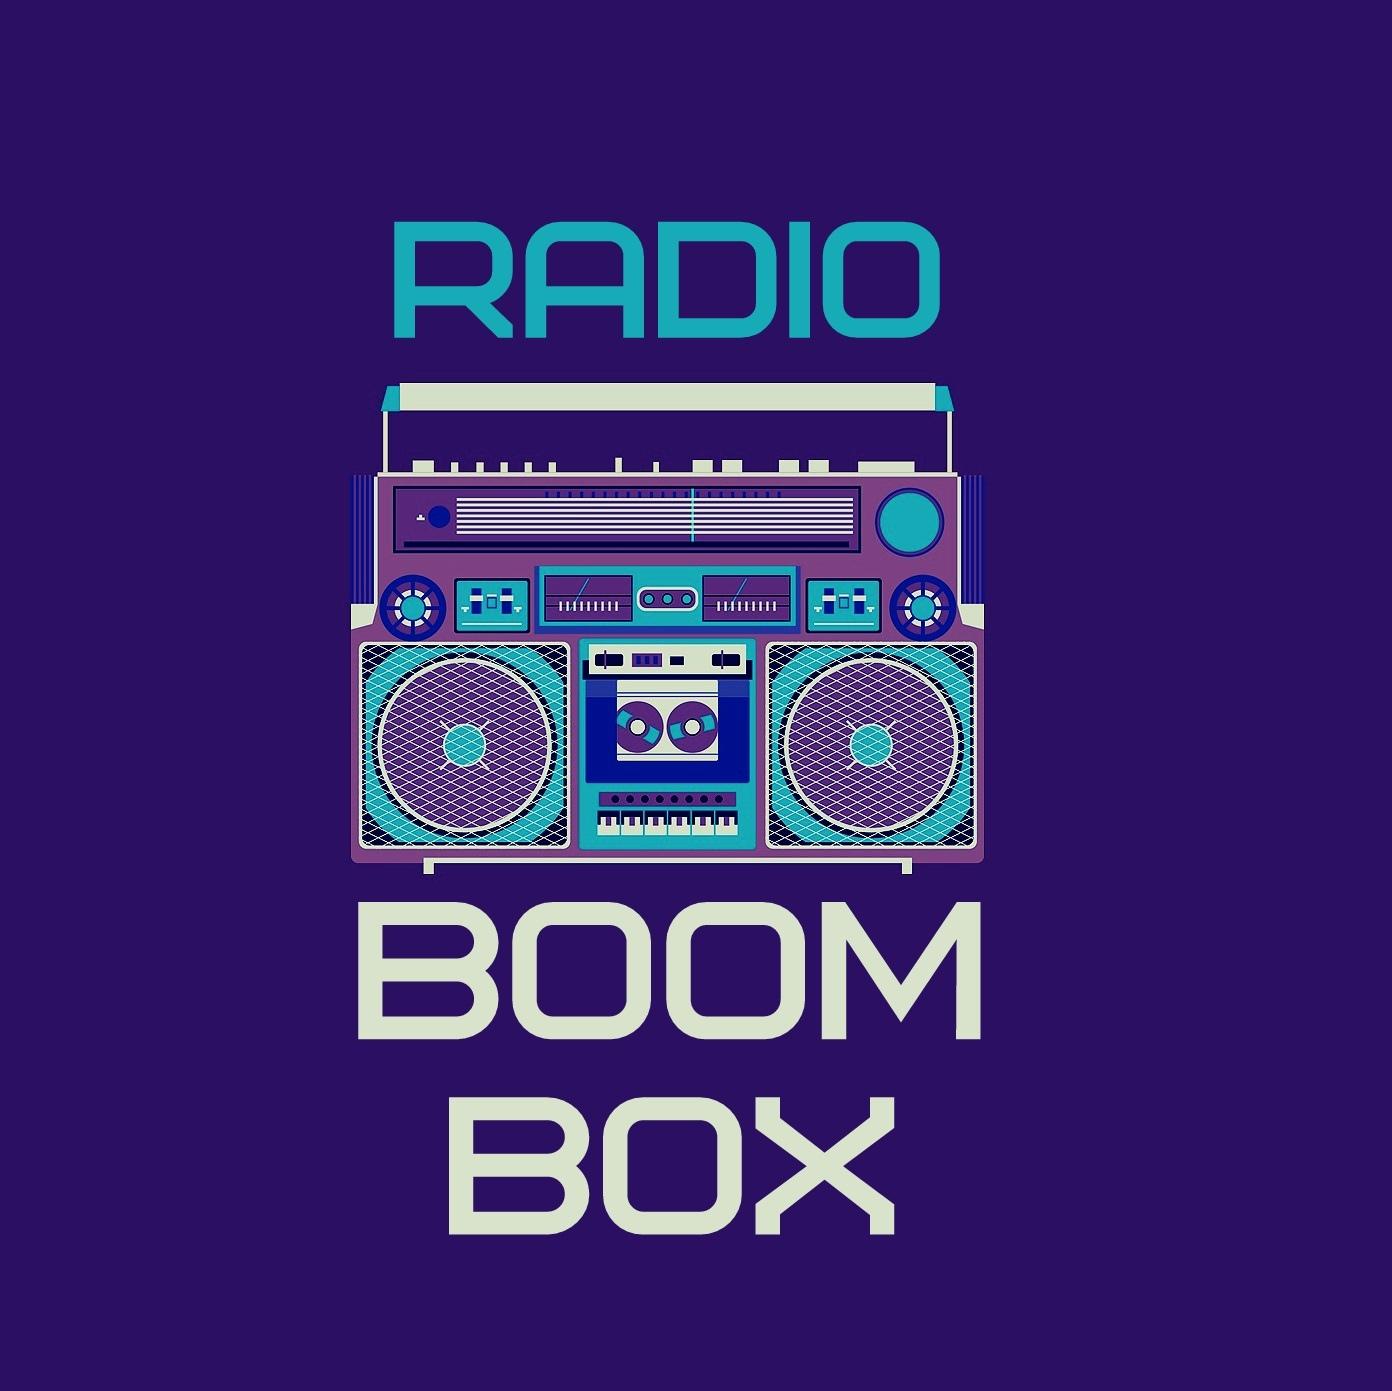 Бумбокс радио